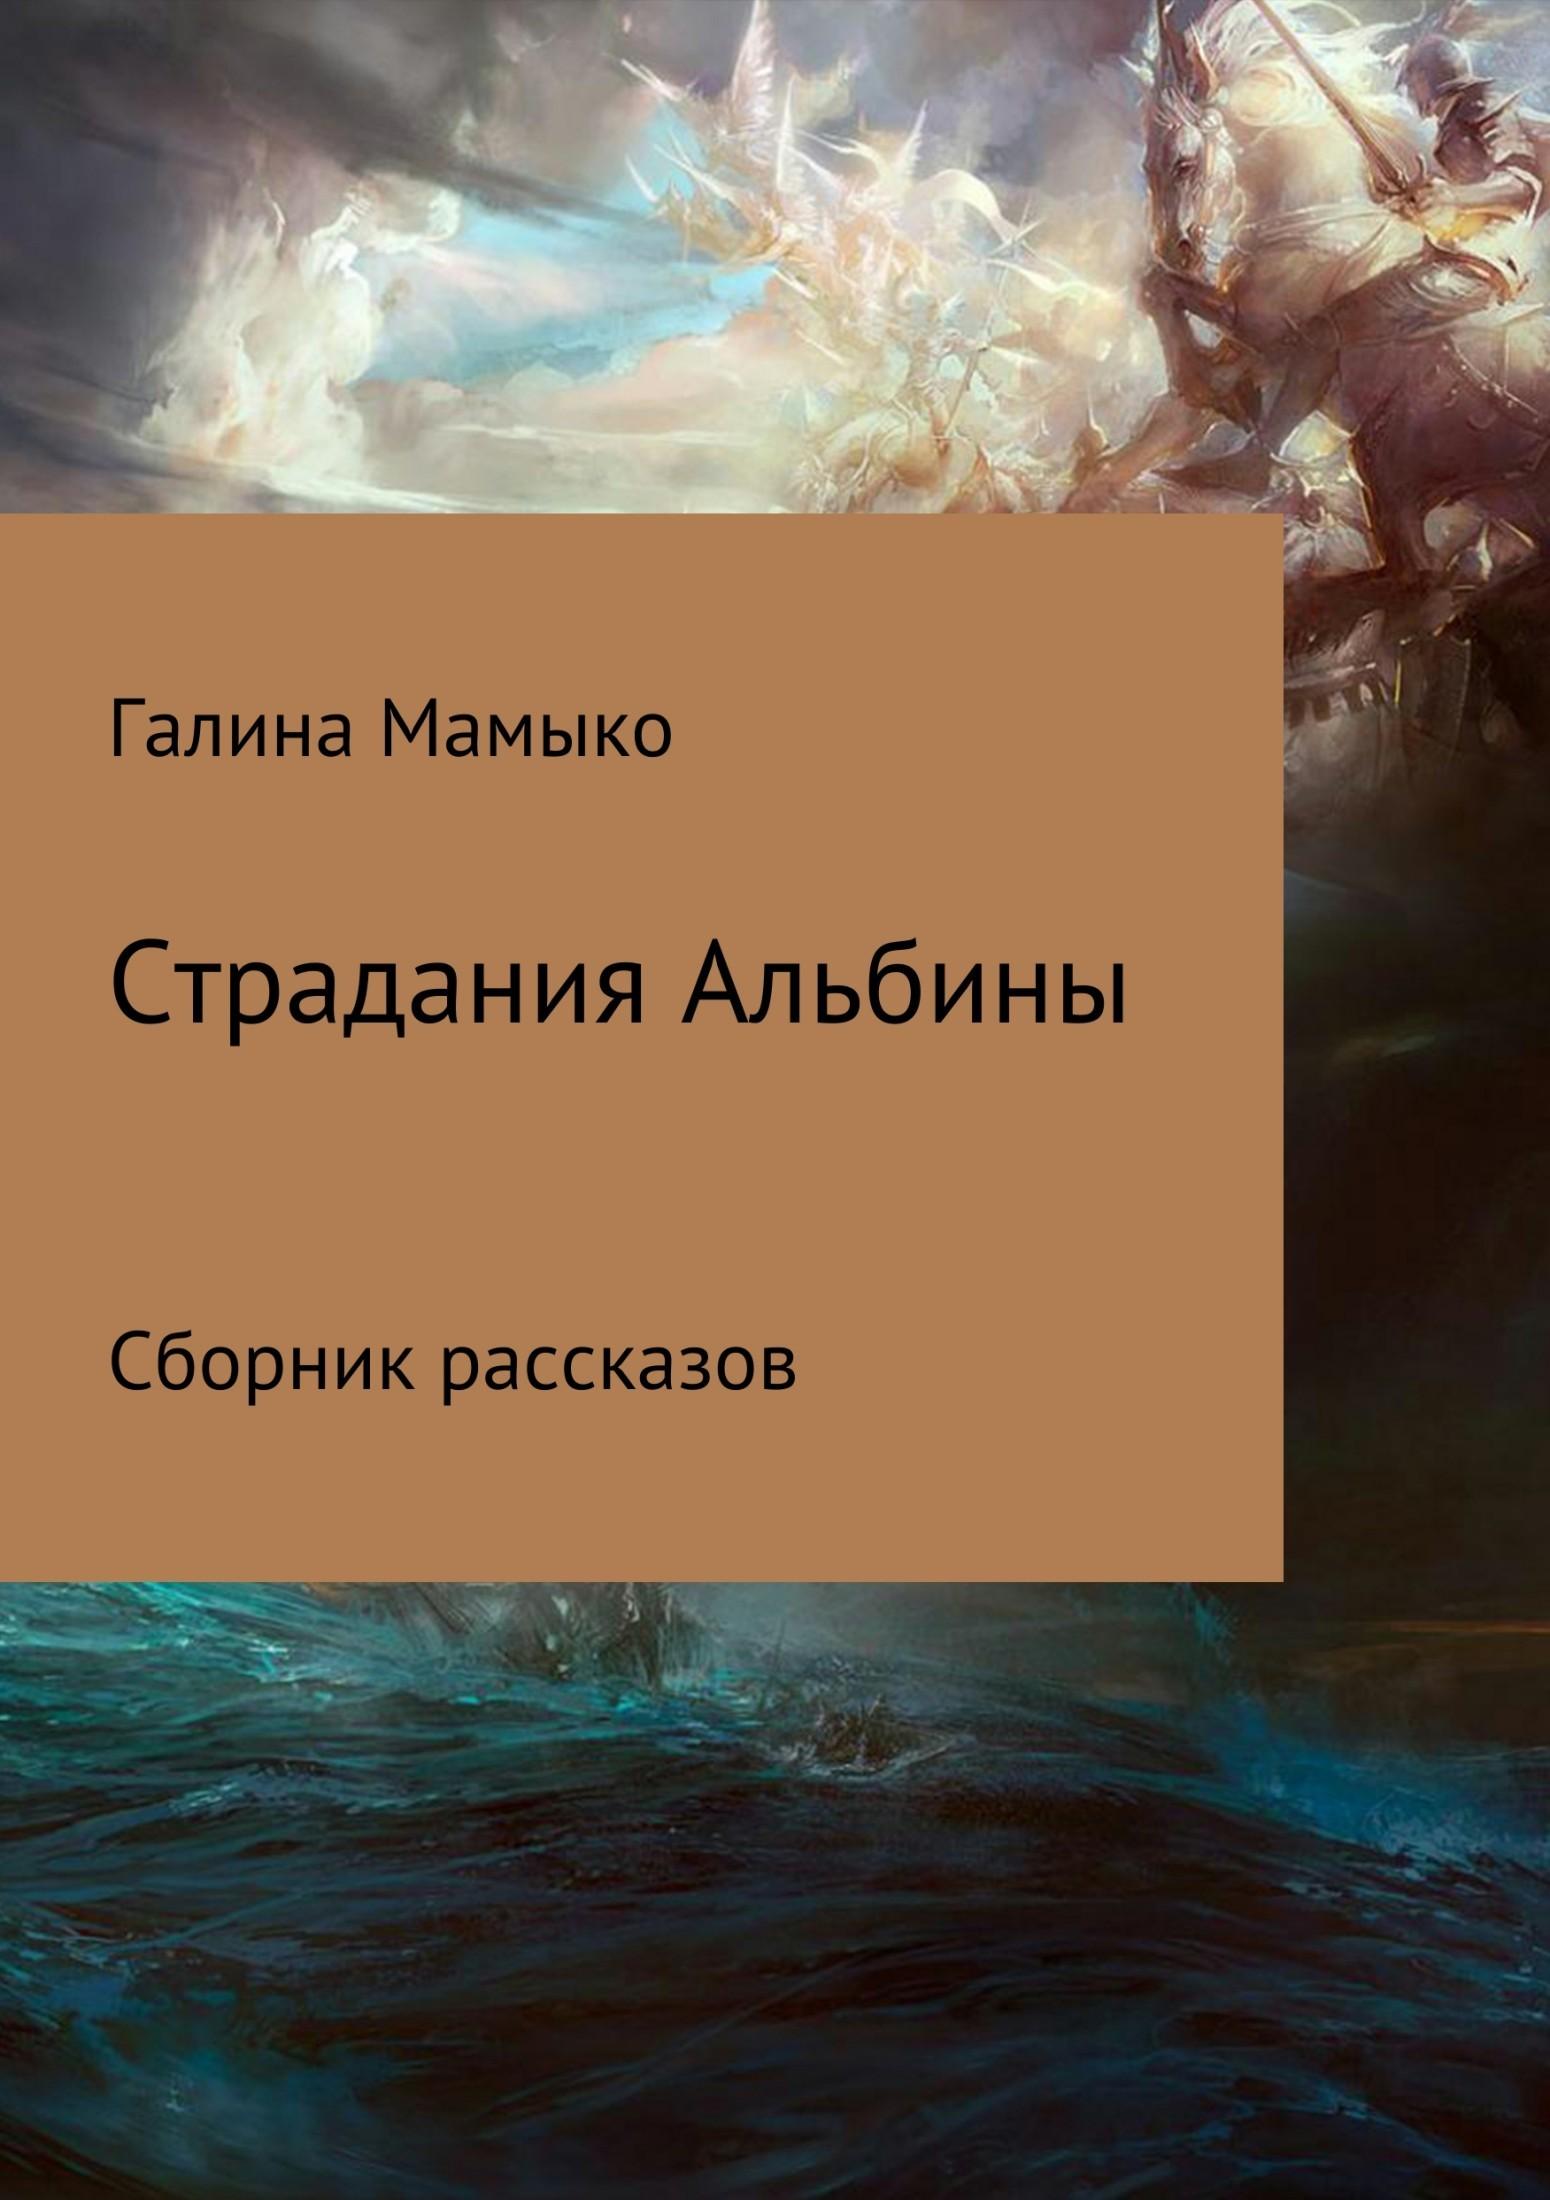 Галина Мамыко Страдания Альбины. Сборник рассказов